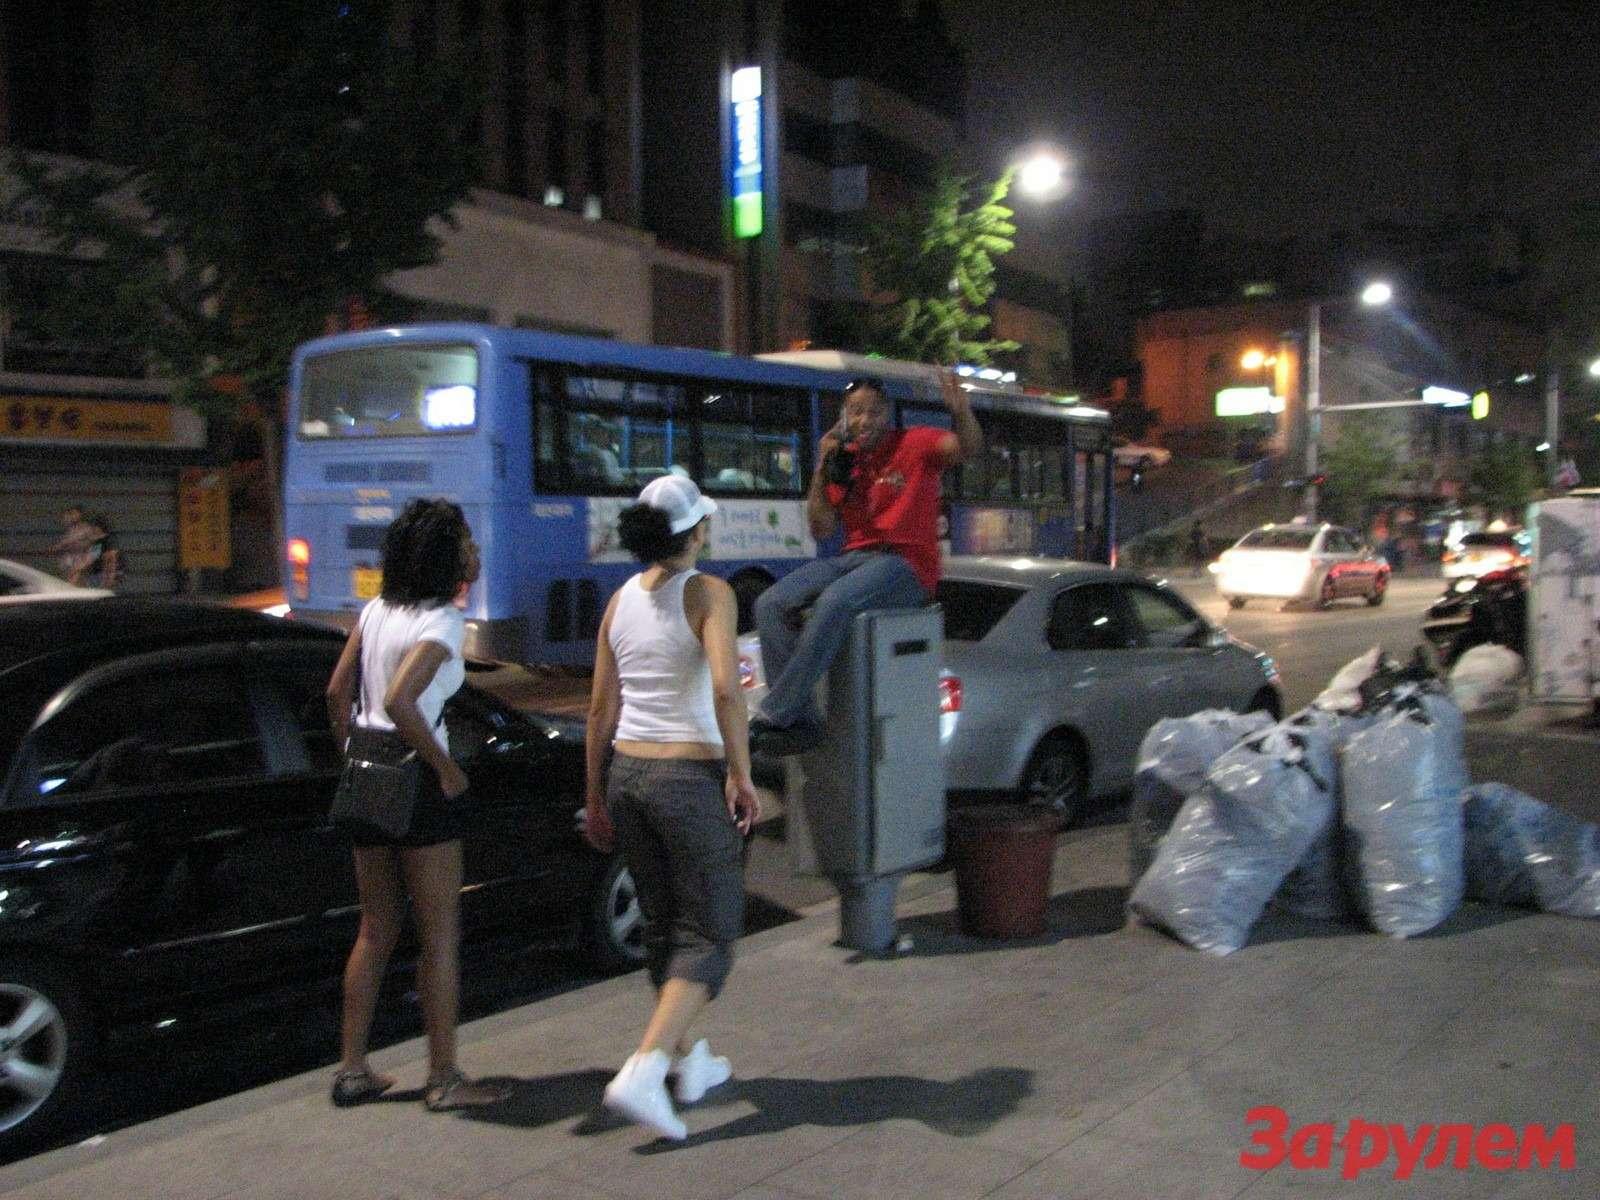 Парни темнокожие клеют корейских девах не вставая сместа...